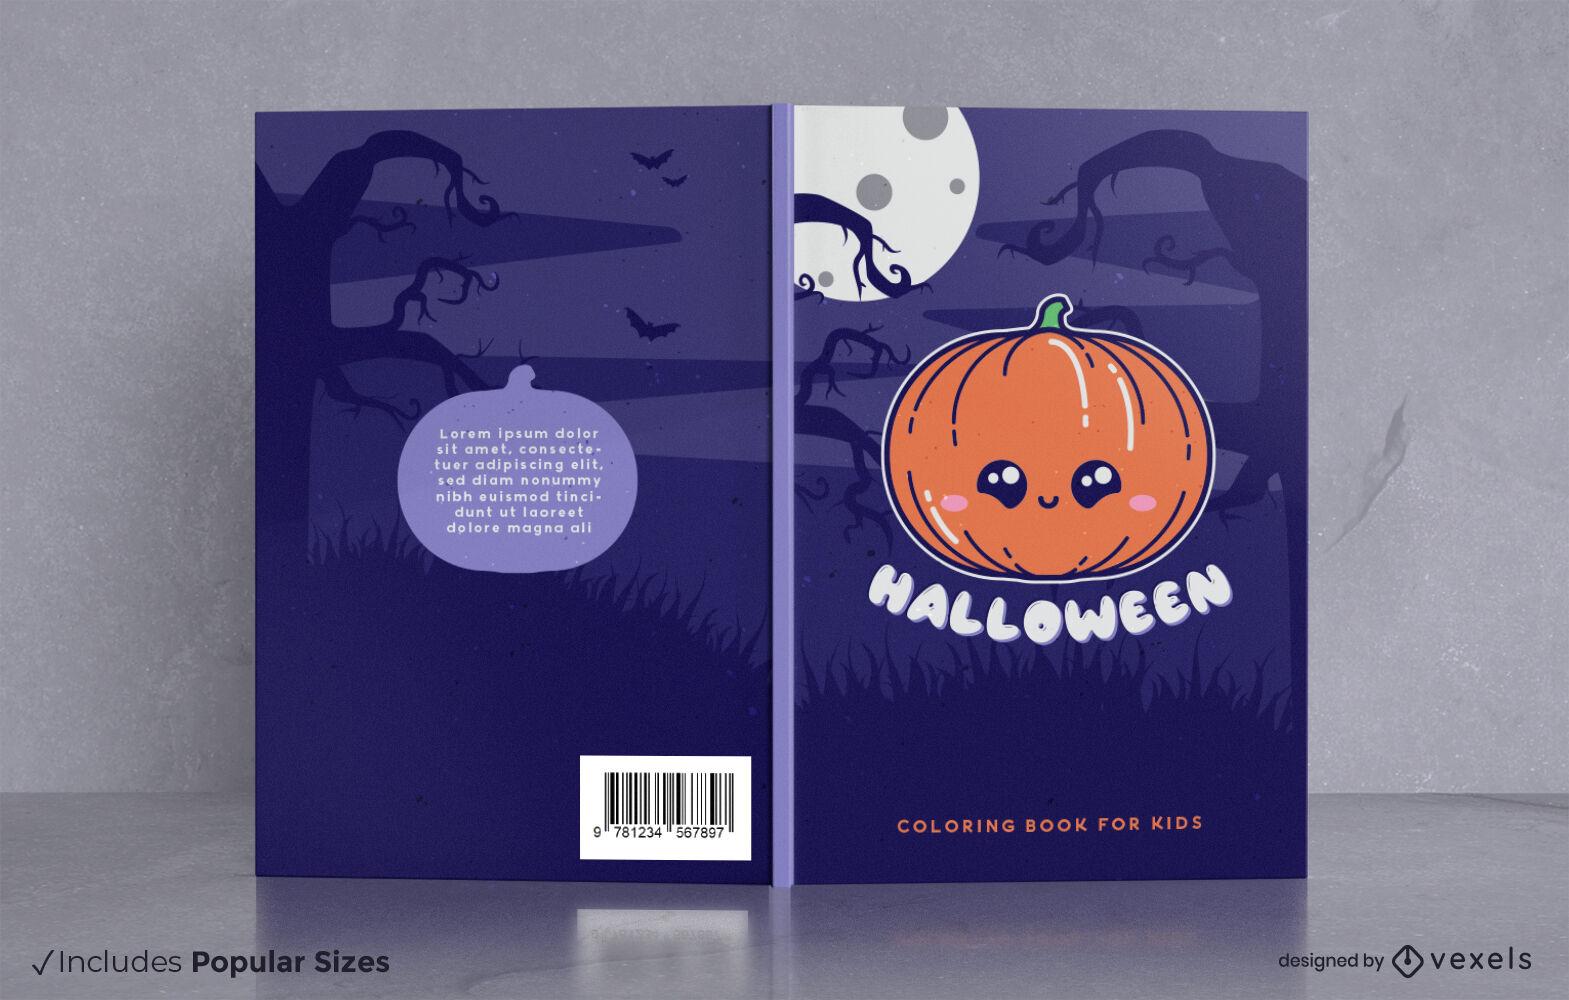 Halloween kawaii pumpkin book cover design